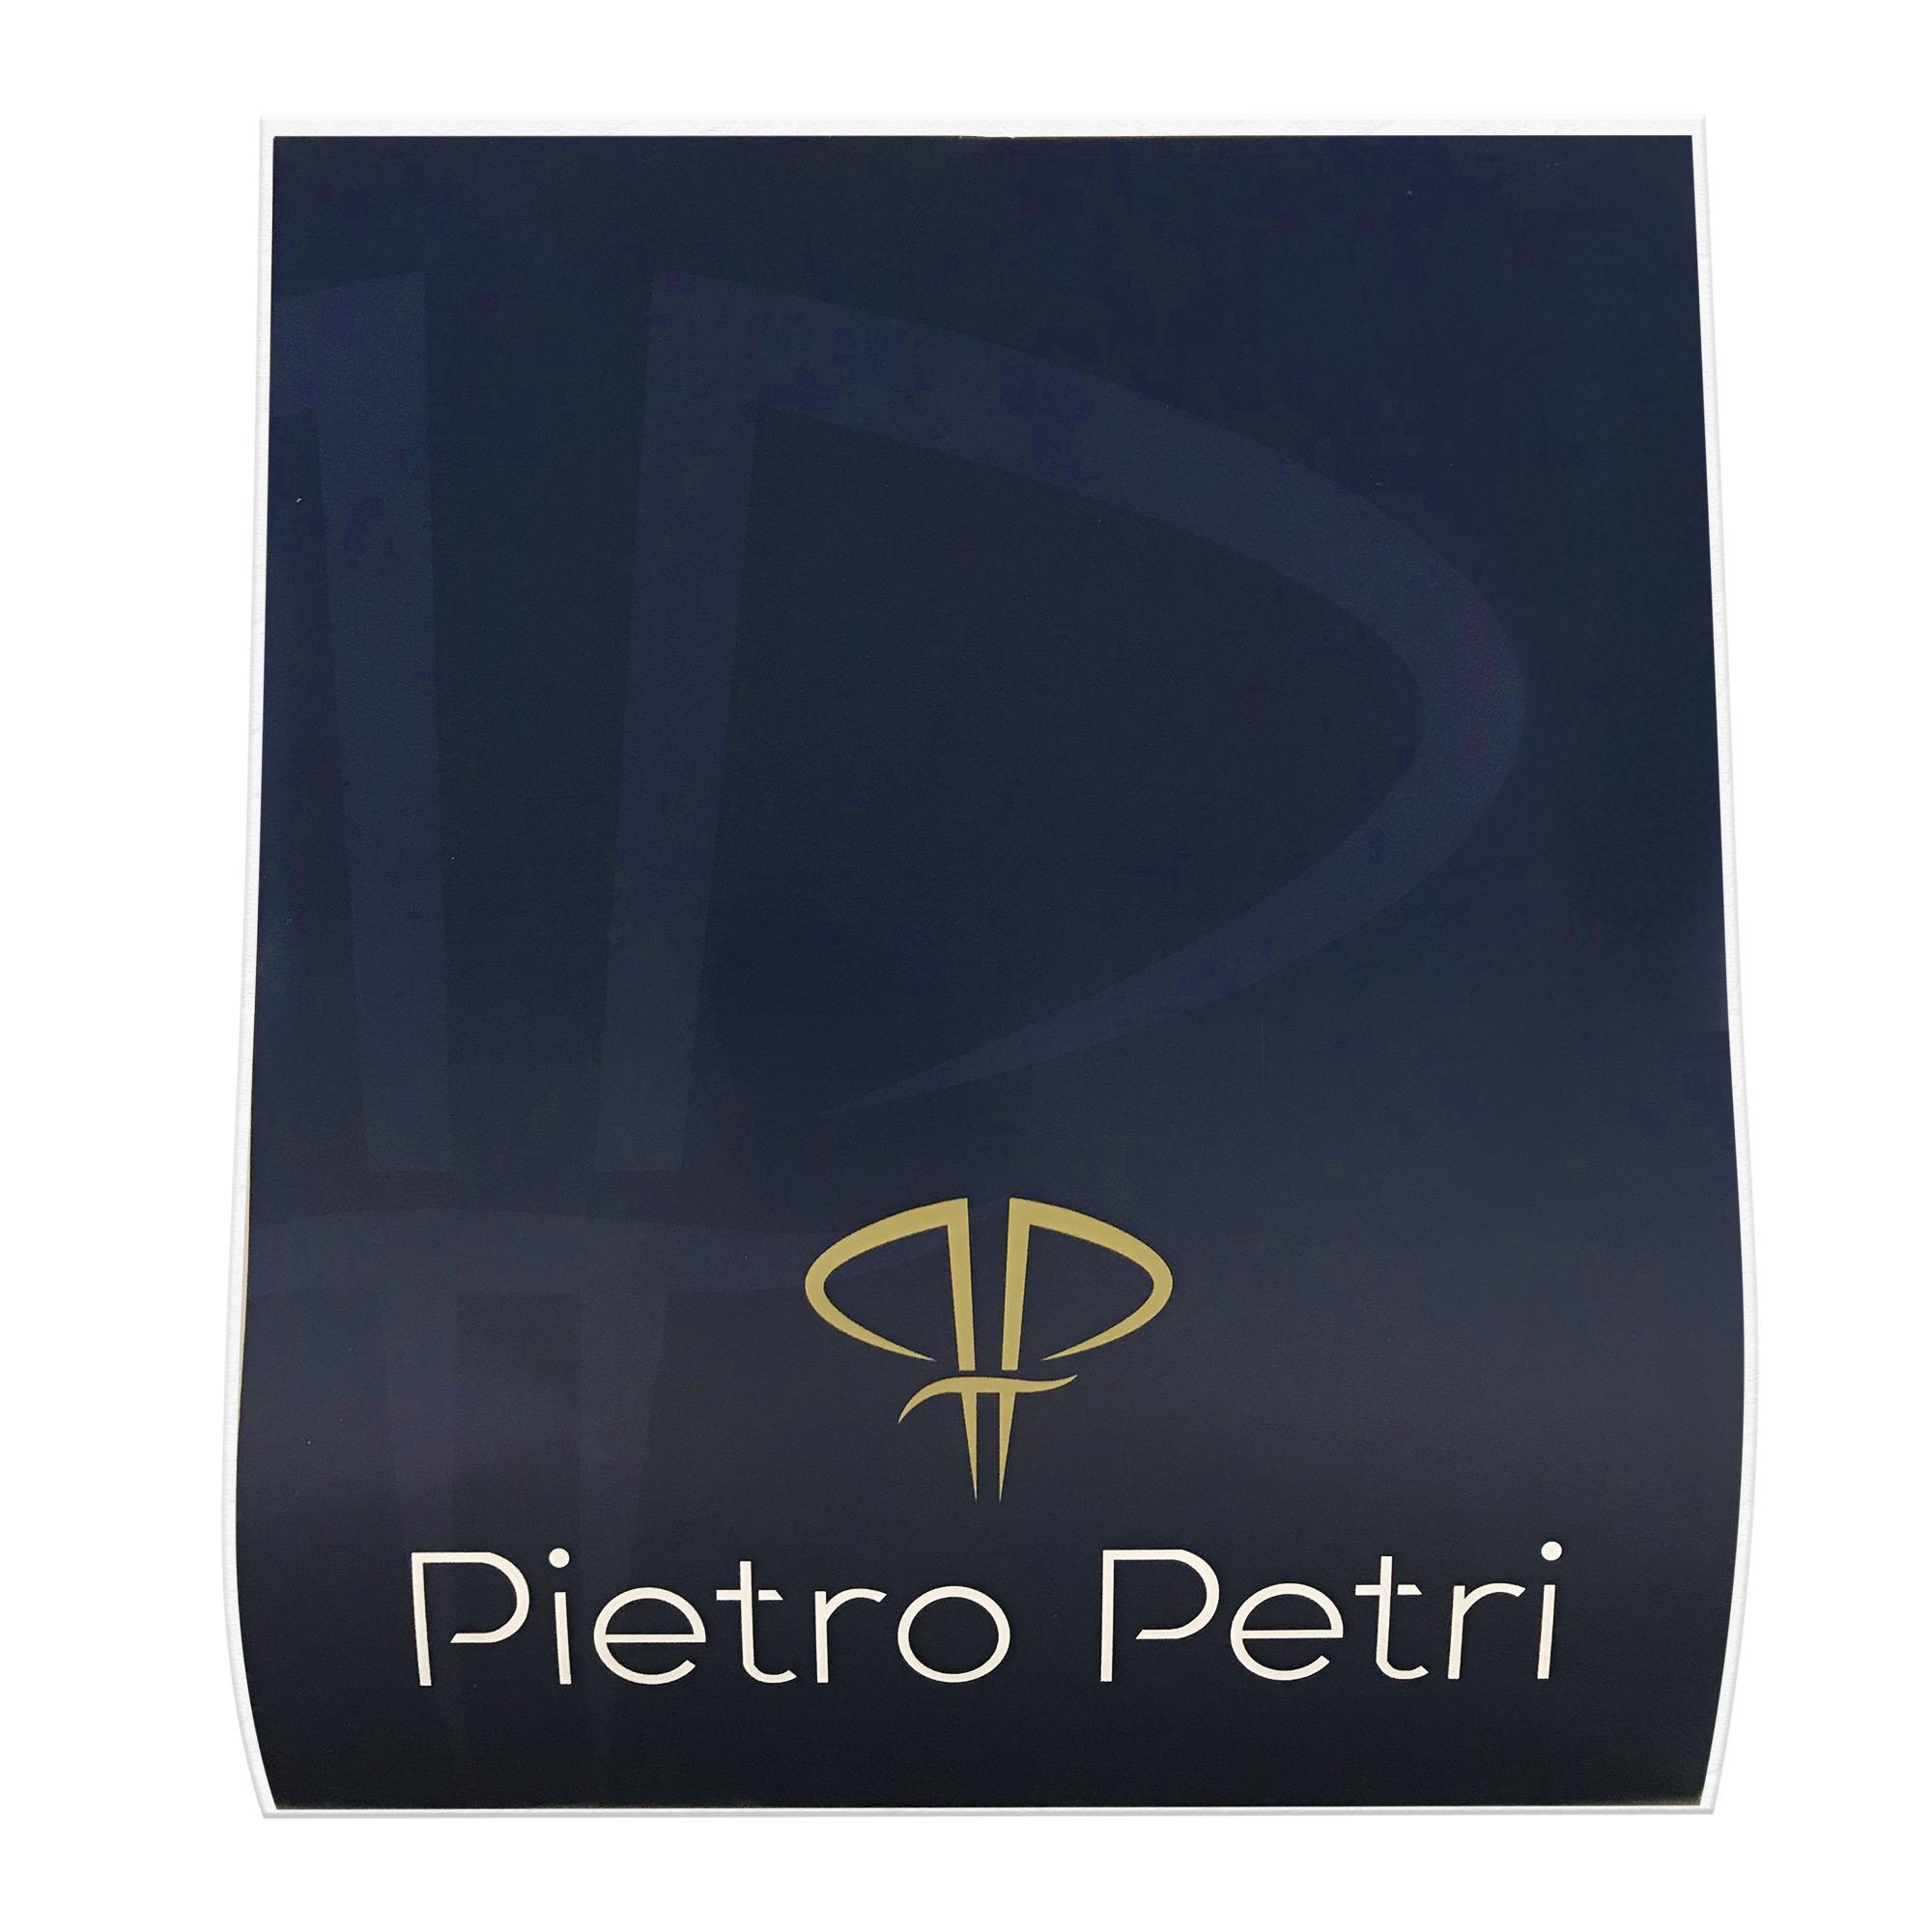 Modelador 3009 masculino cirúrgico compressivo macaquinho edição limitada Dr Pietro cetinete lipo abdômen bariatrica  - Cinta se Nova